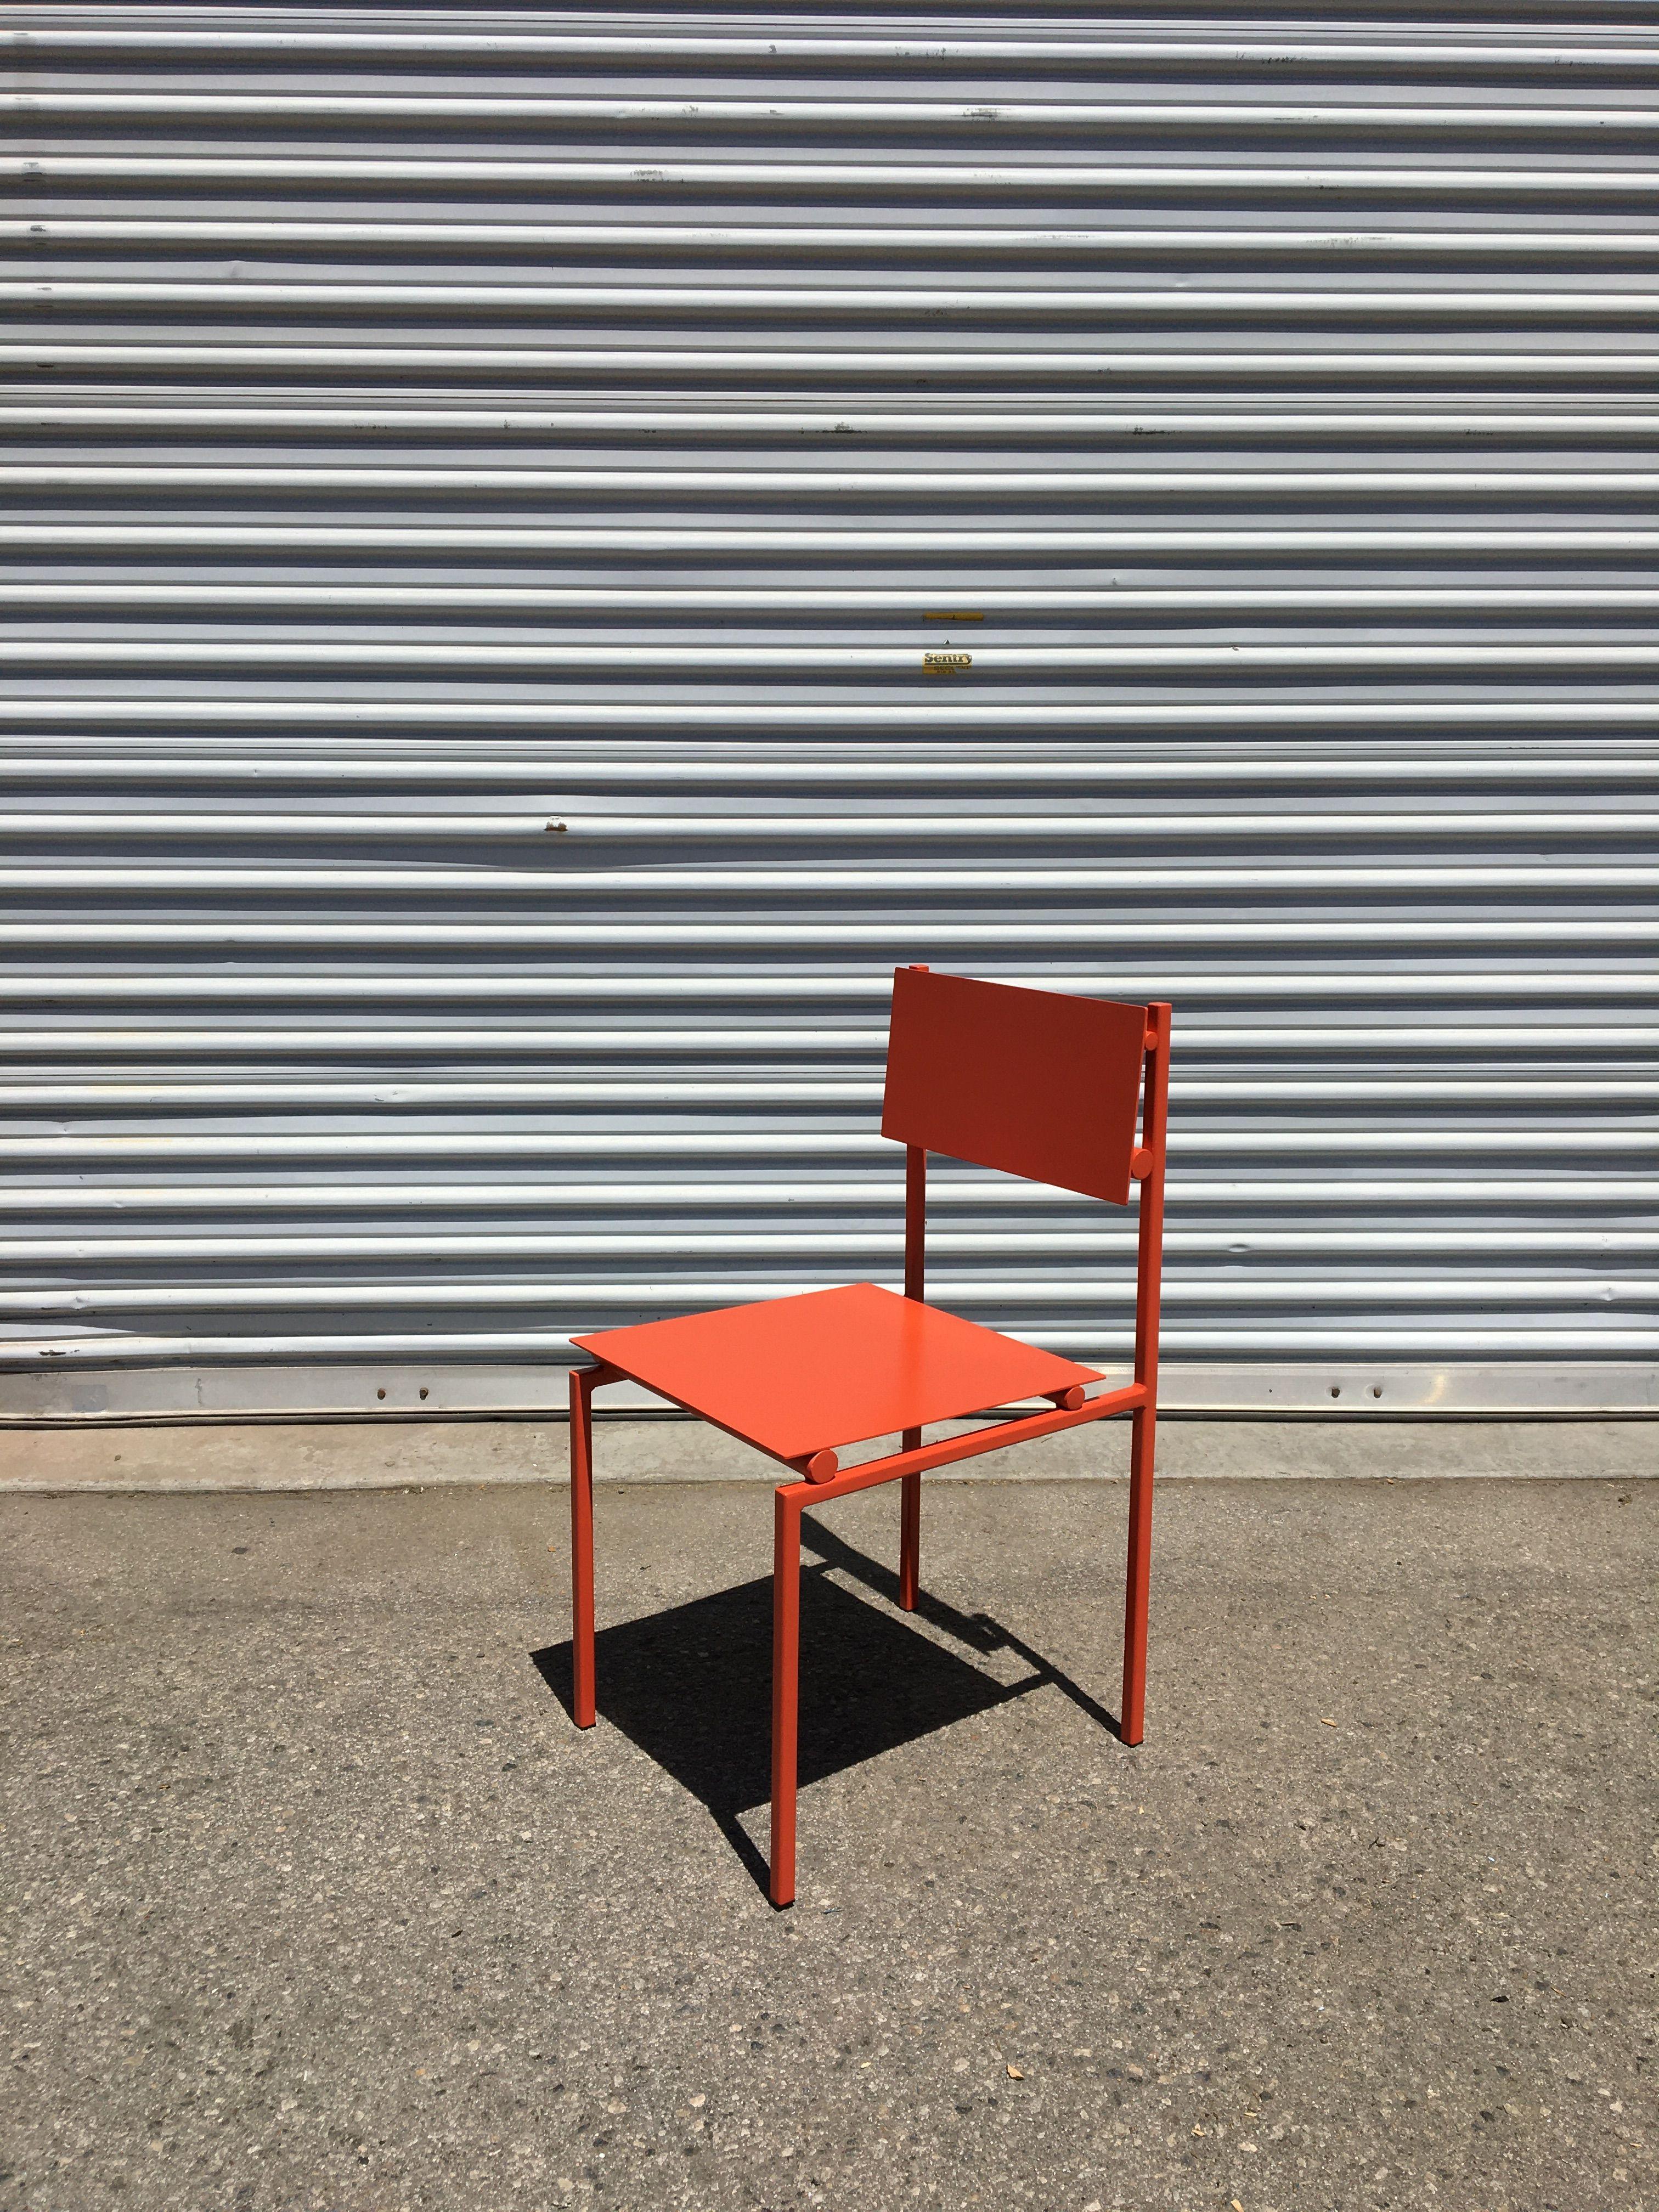 Suspension Metal Set - SIZED LA product image 12